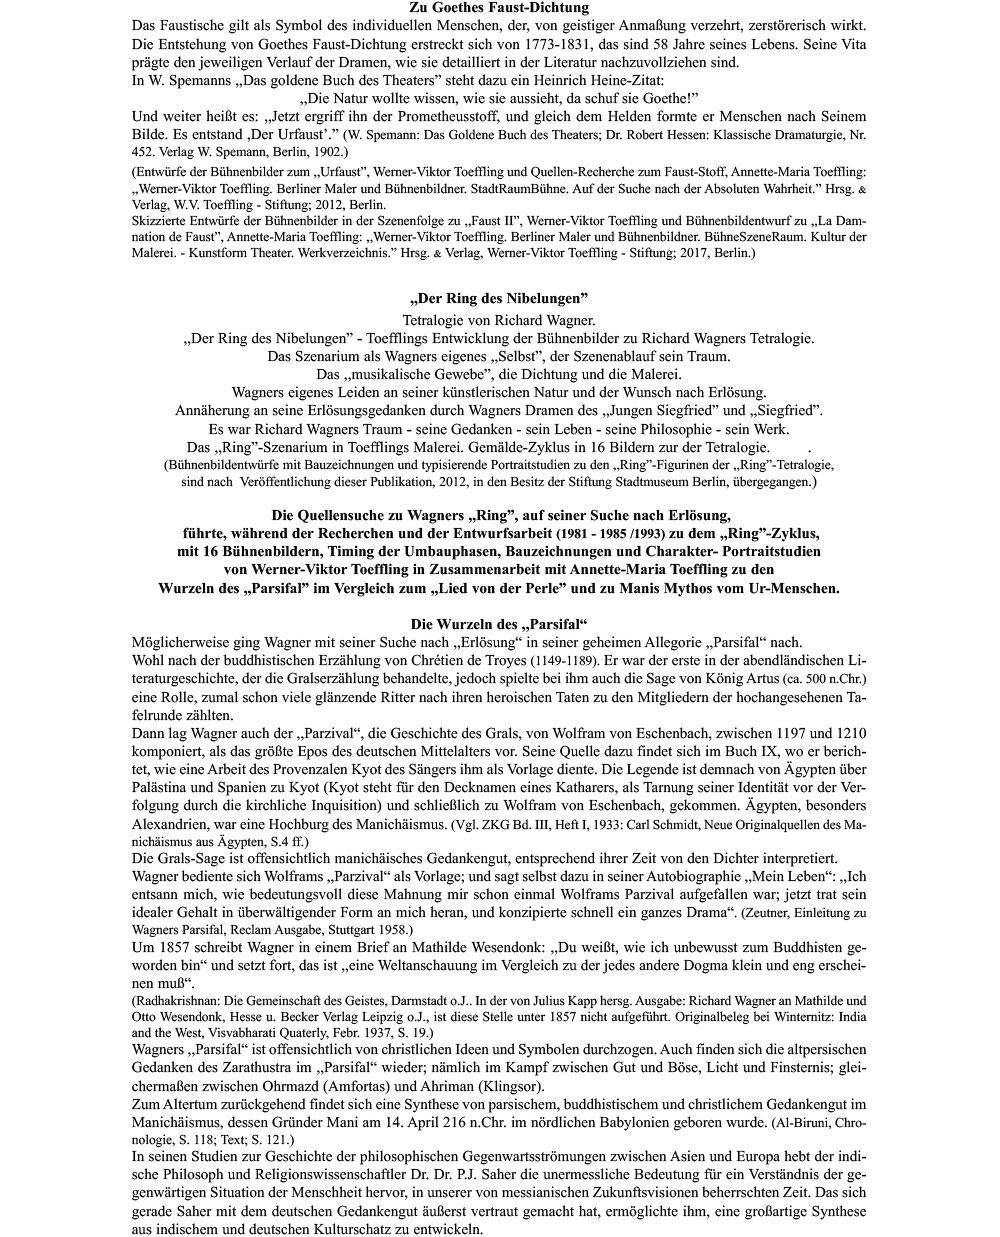 04-geistige-kunst-und-kultur-der-veden-7